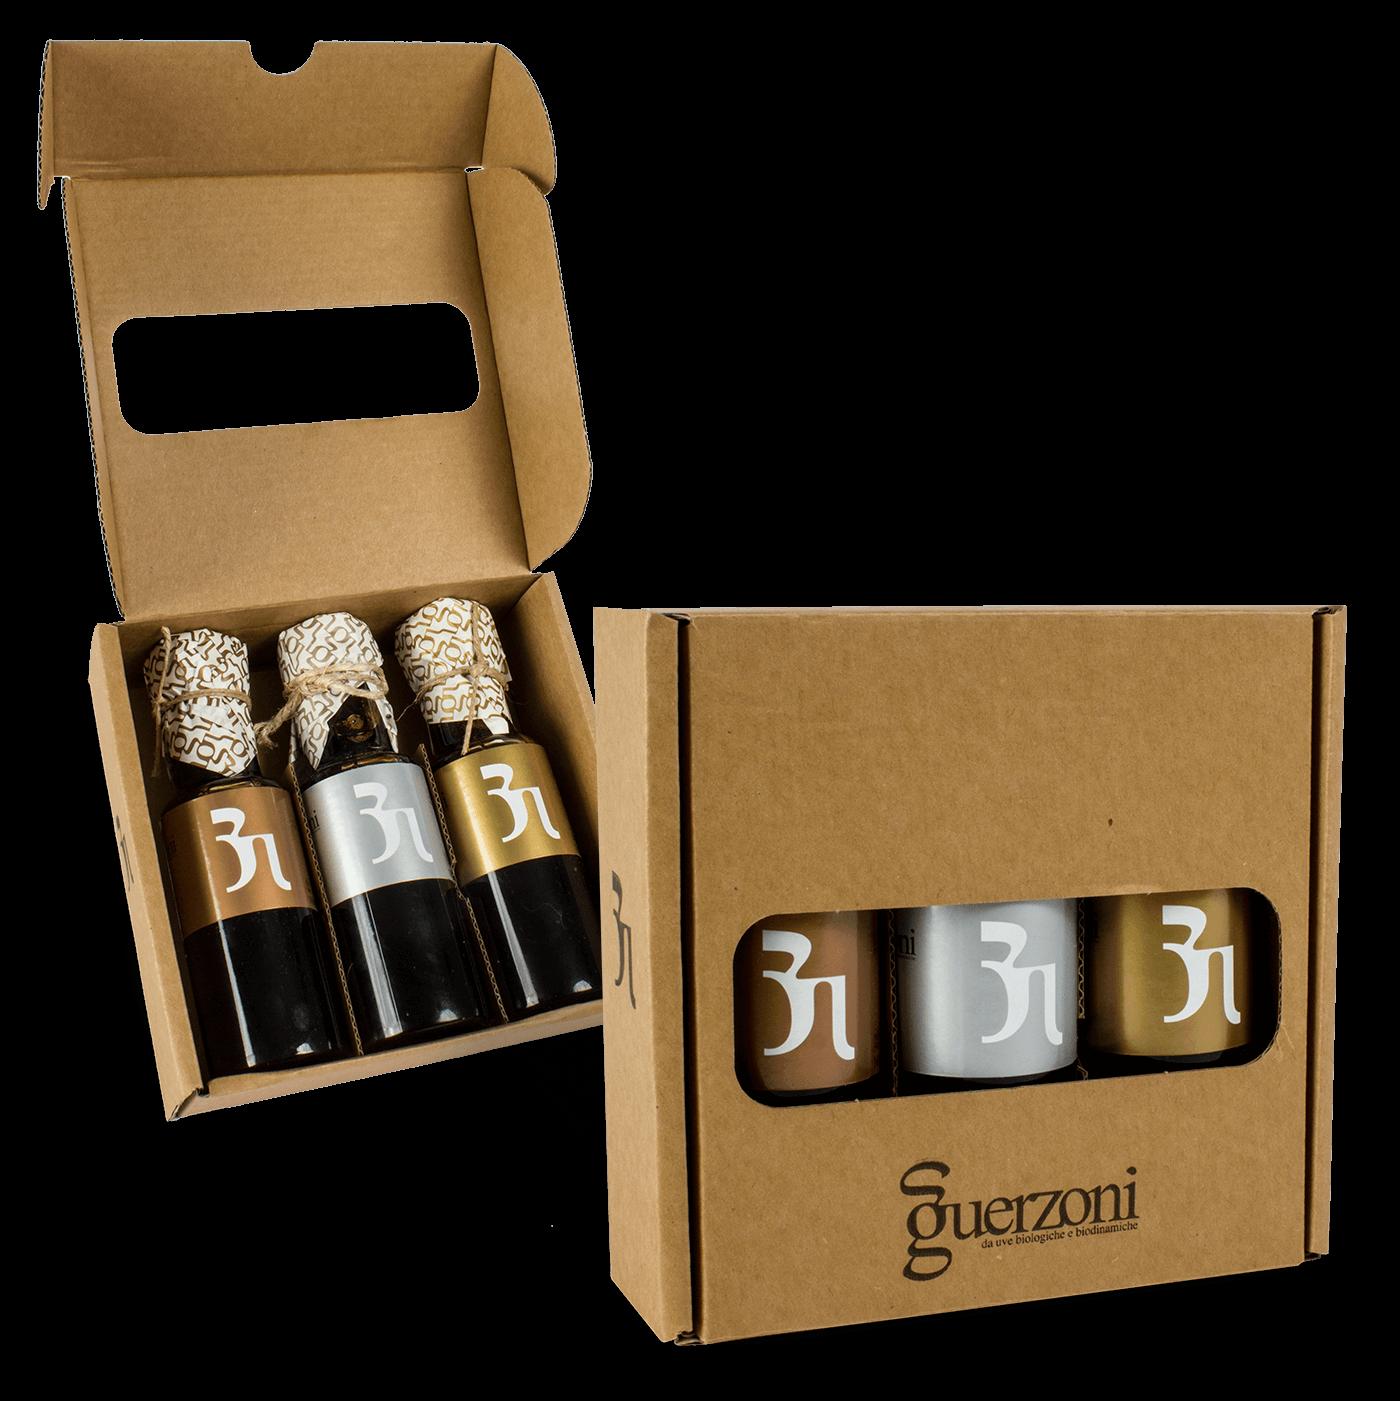 La selezione dei tre migliori prodotti per qualità, i nostri tre finalisti, Bronzo, Argento e Oro.